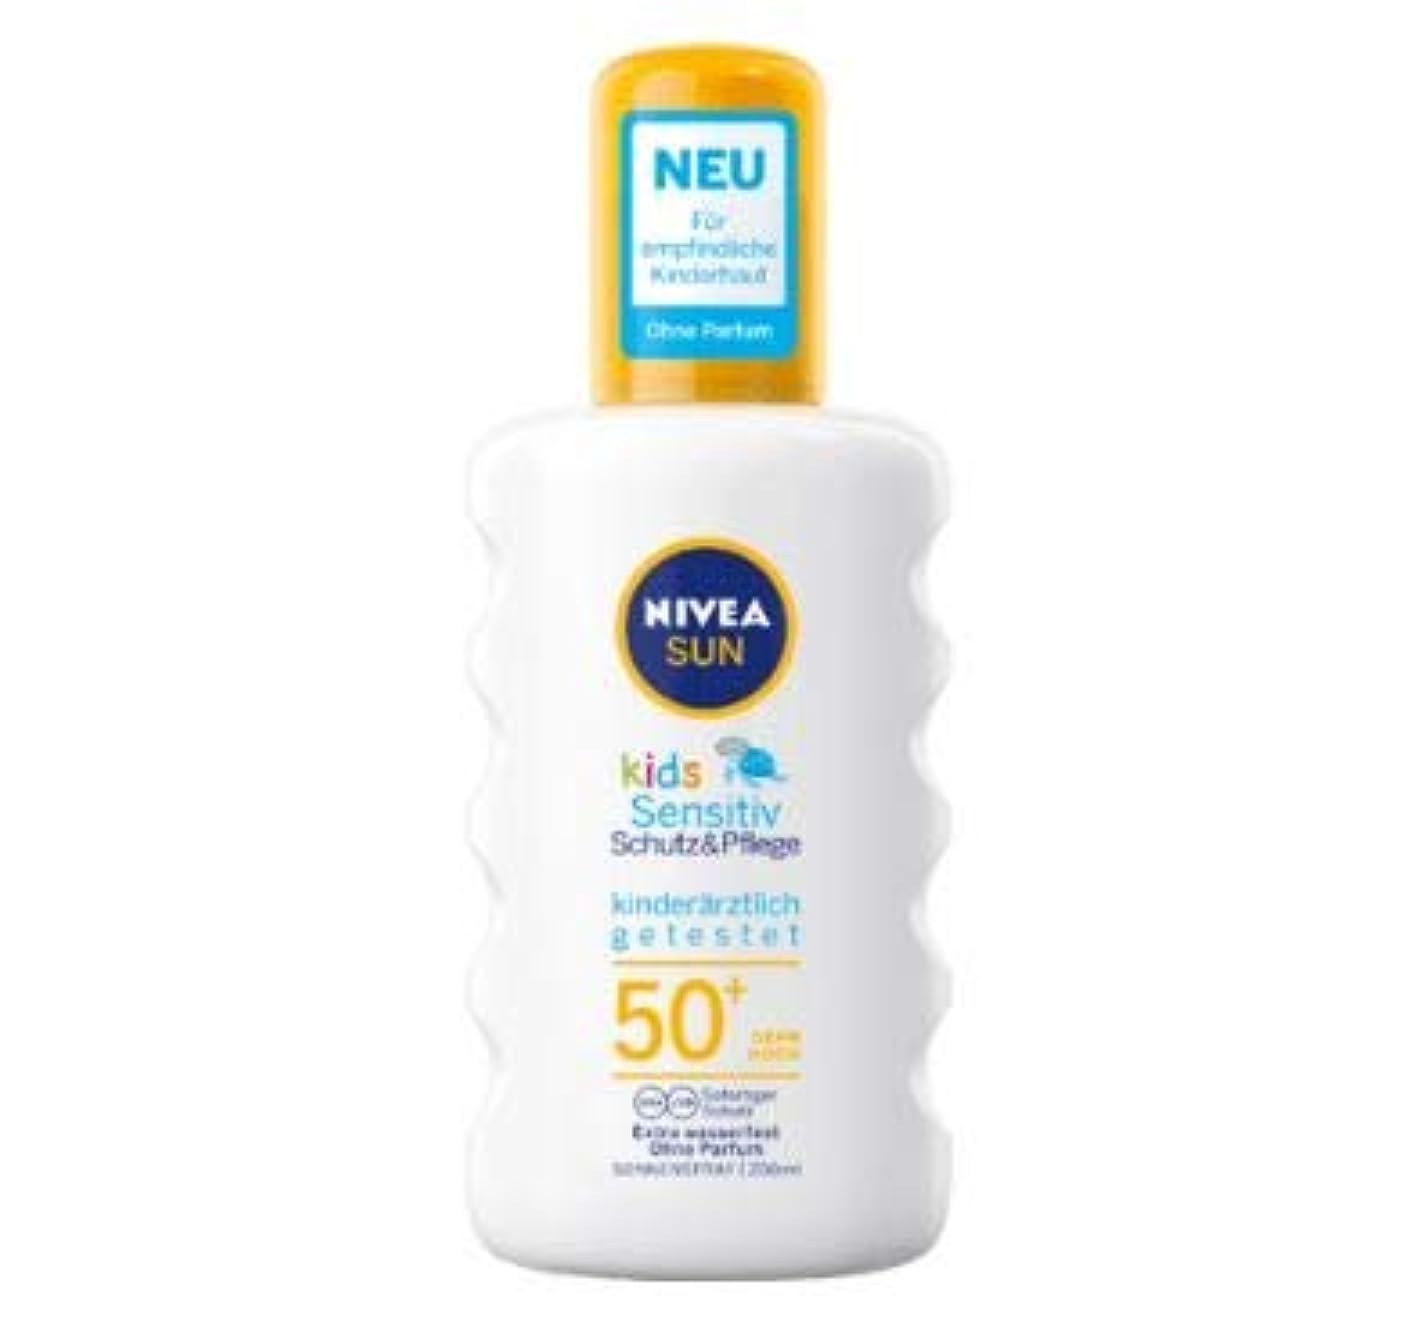 ニベア Nivea Sun 日焼け止め スプレー 敏感肌 子供用 200ml SPF50+ [並行輸入品]